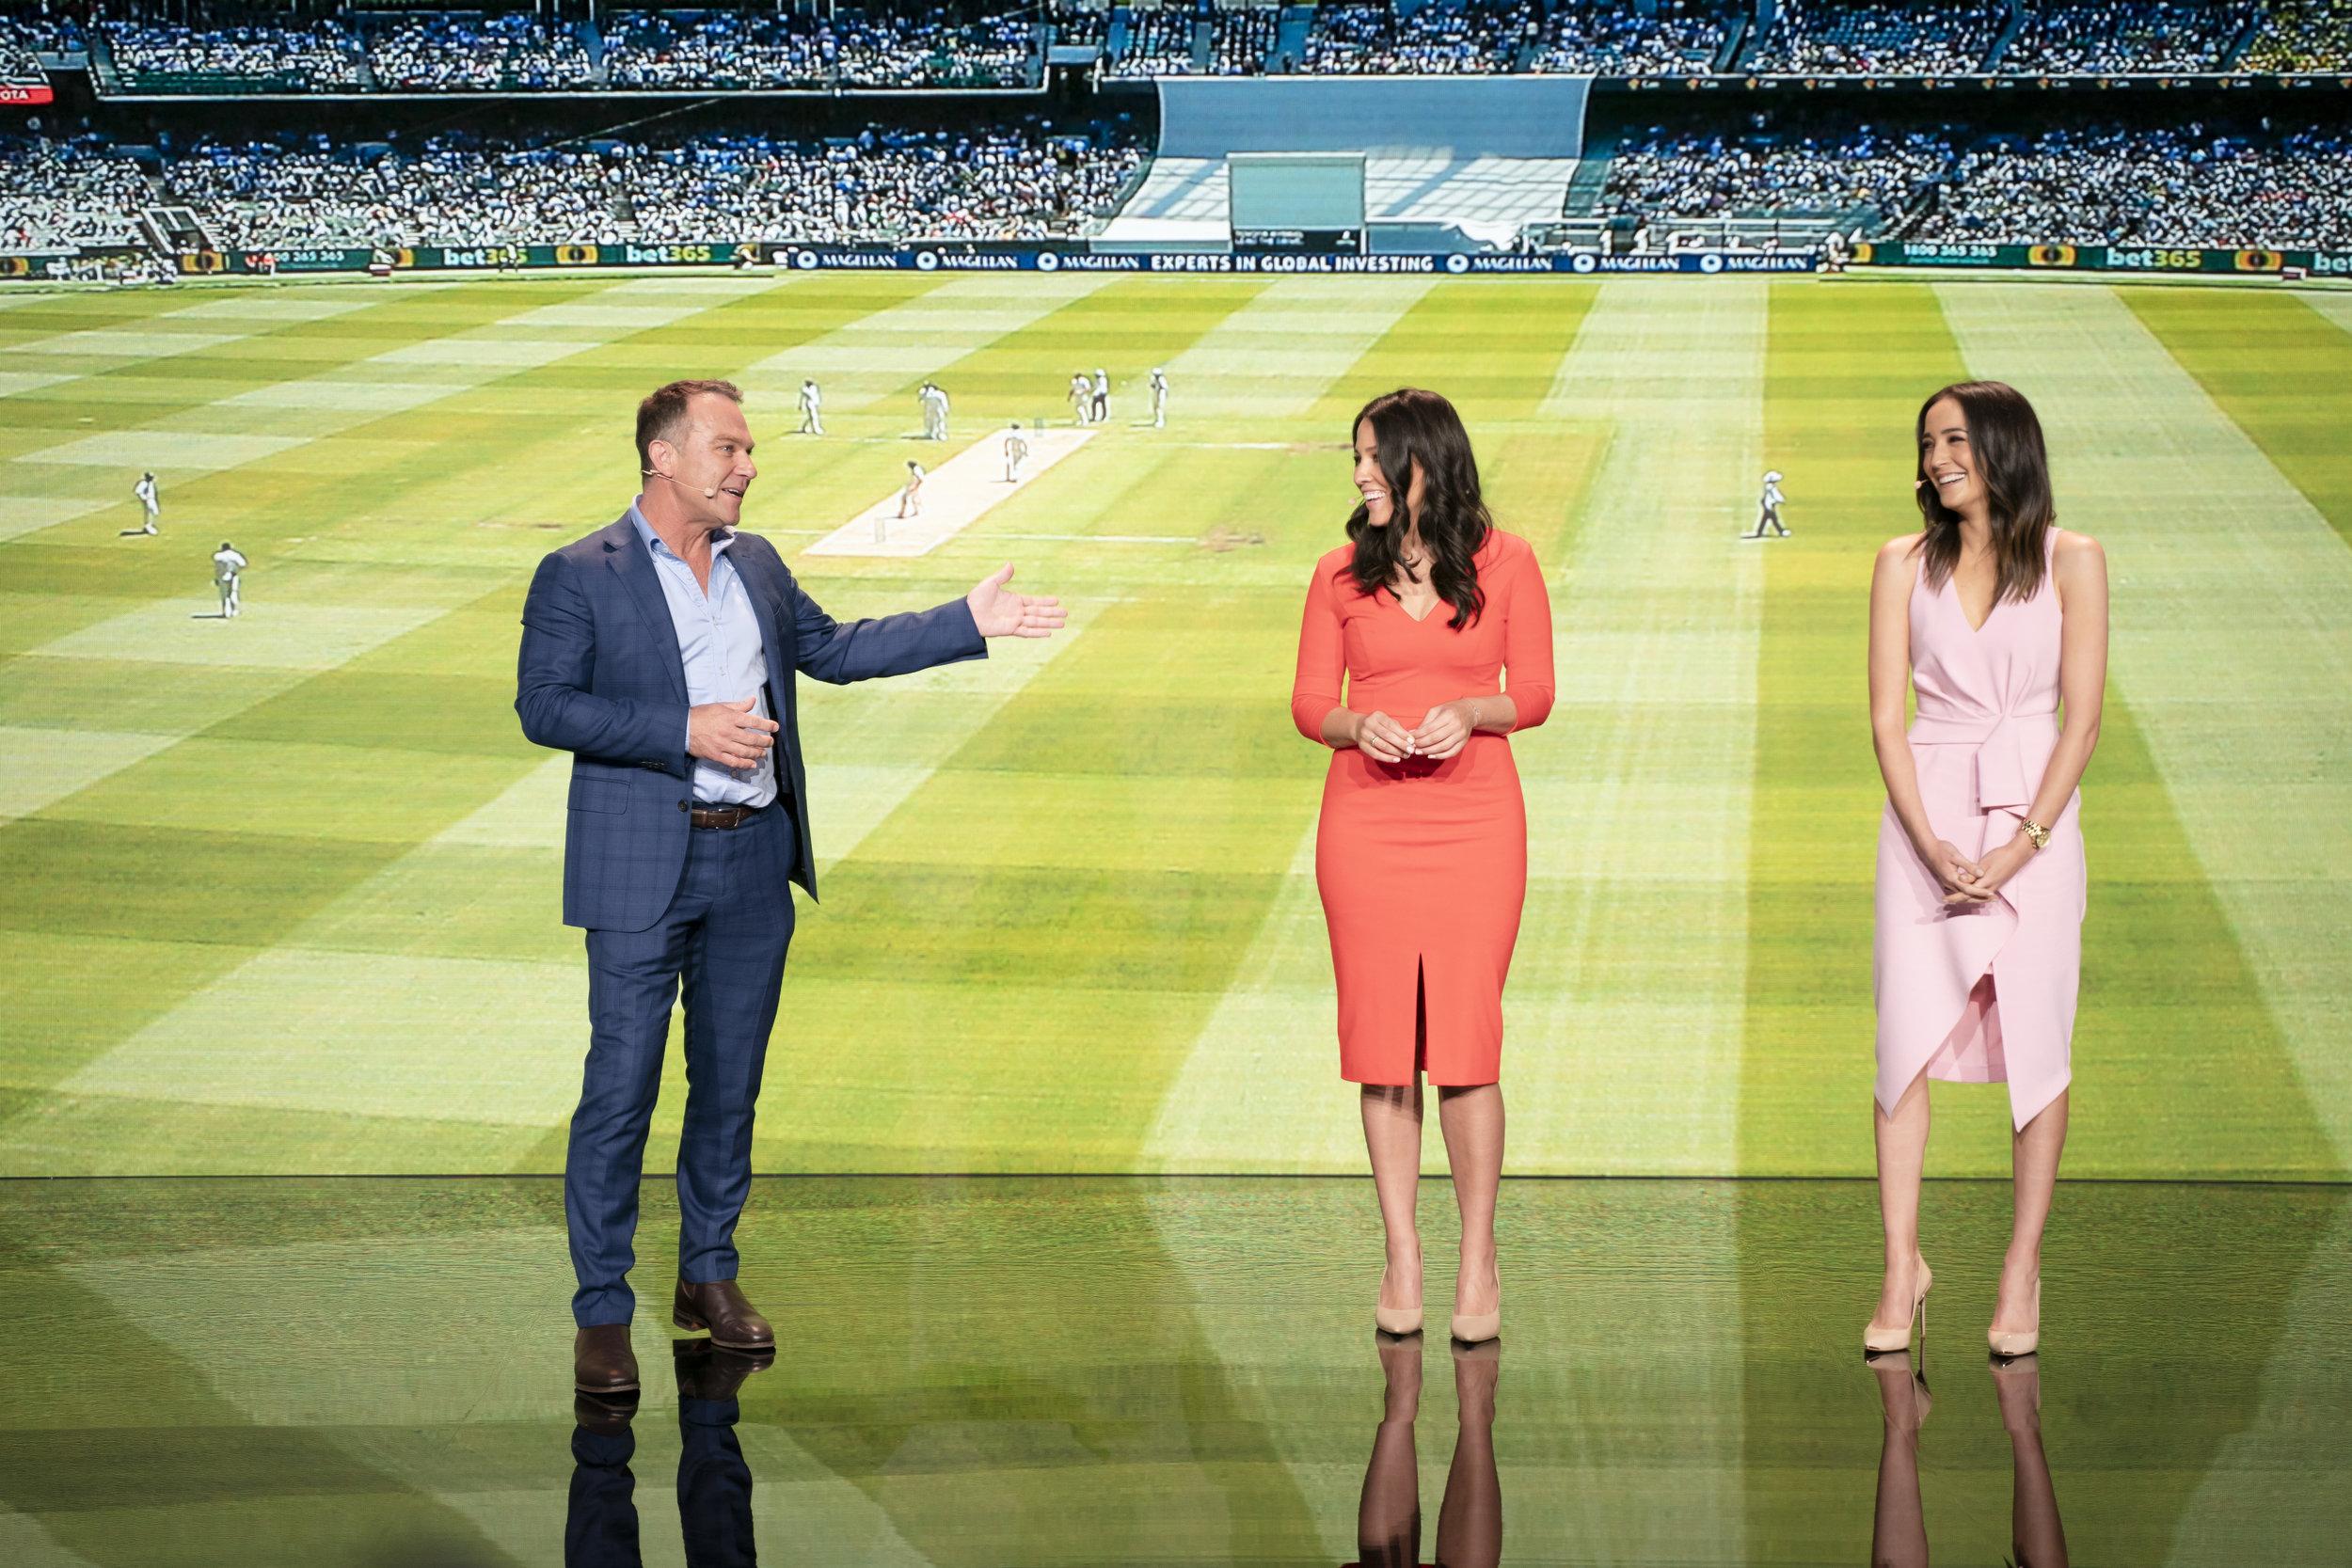 2019Allfronts-Cricket.jpg